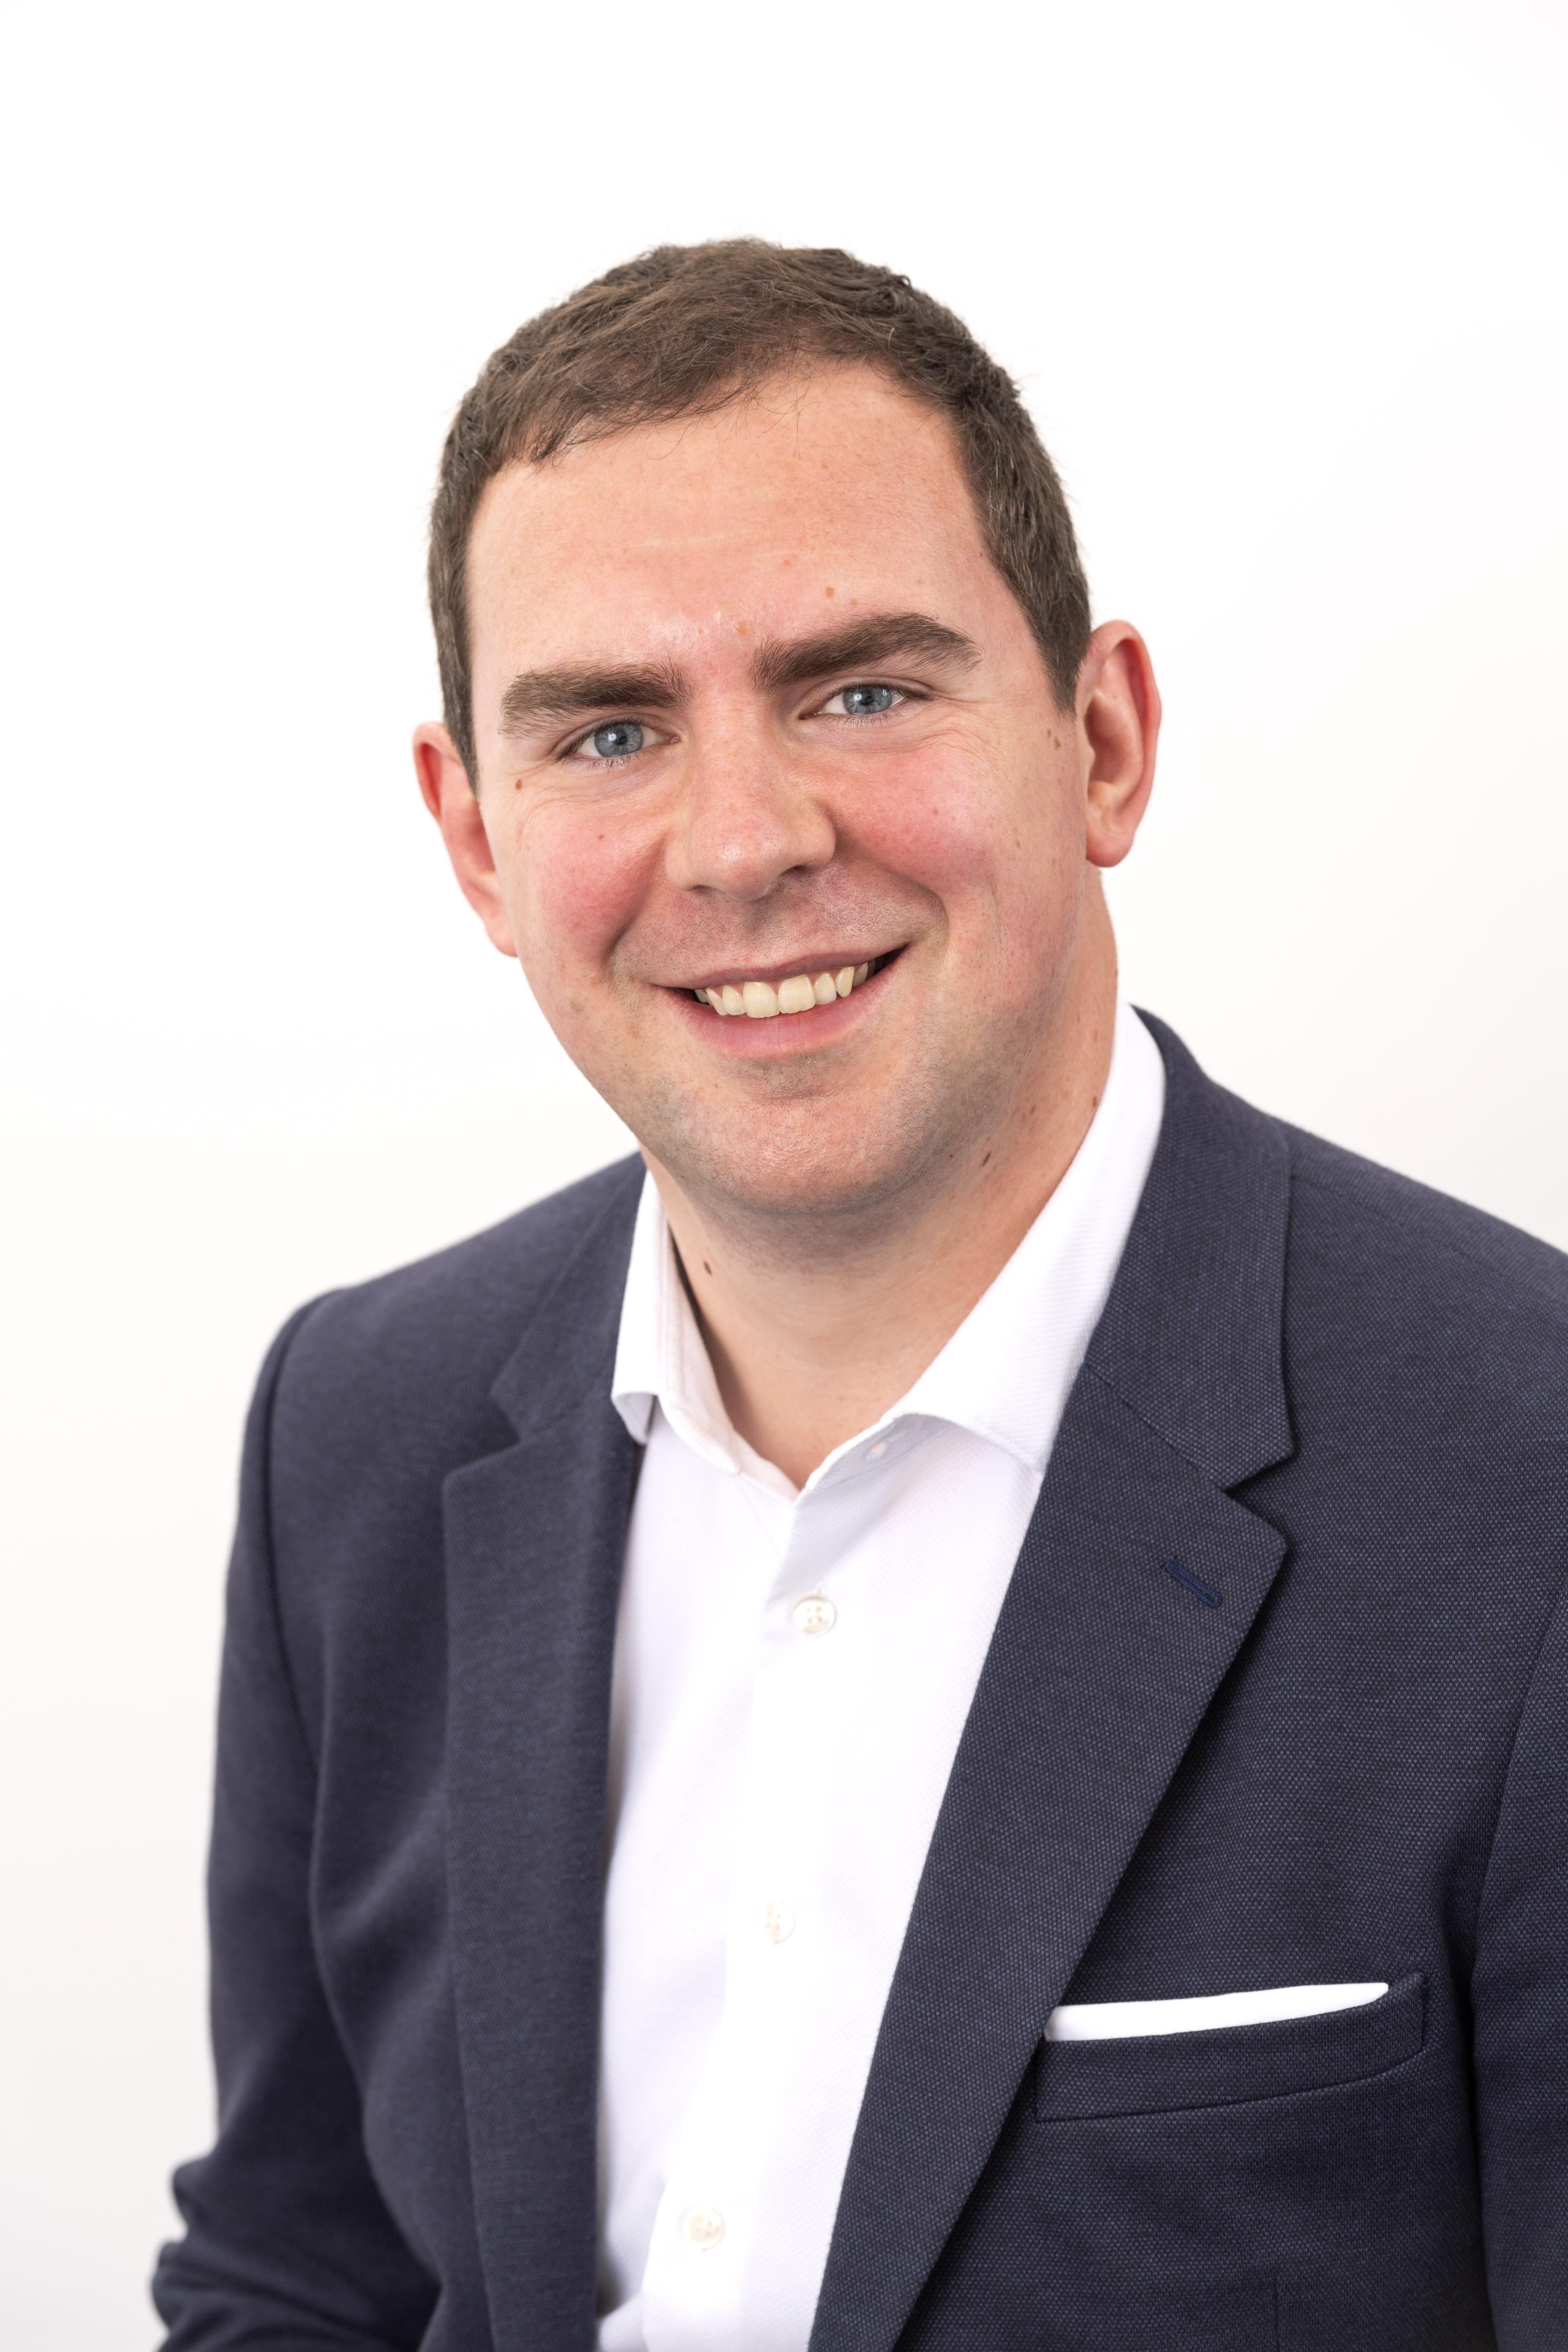 Ben Stark at Expo Scotland